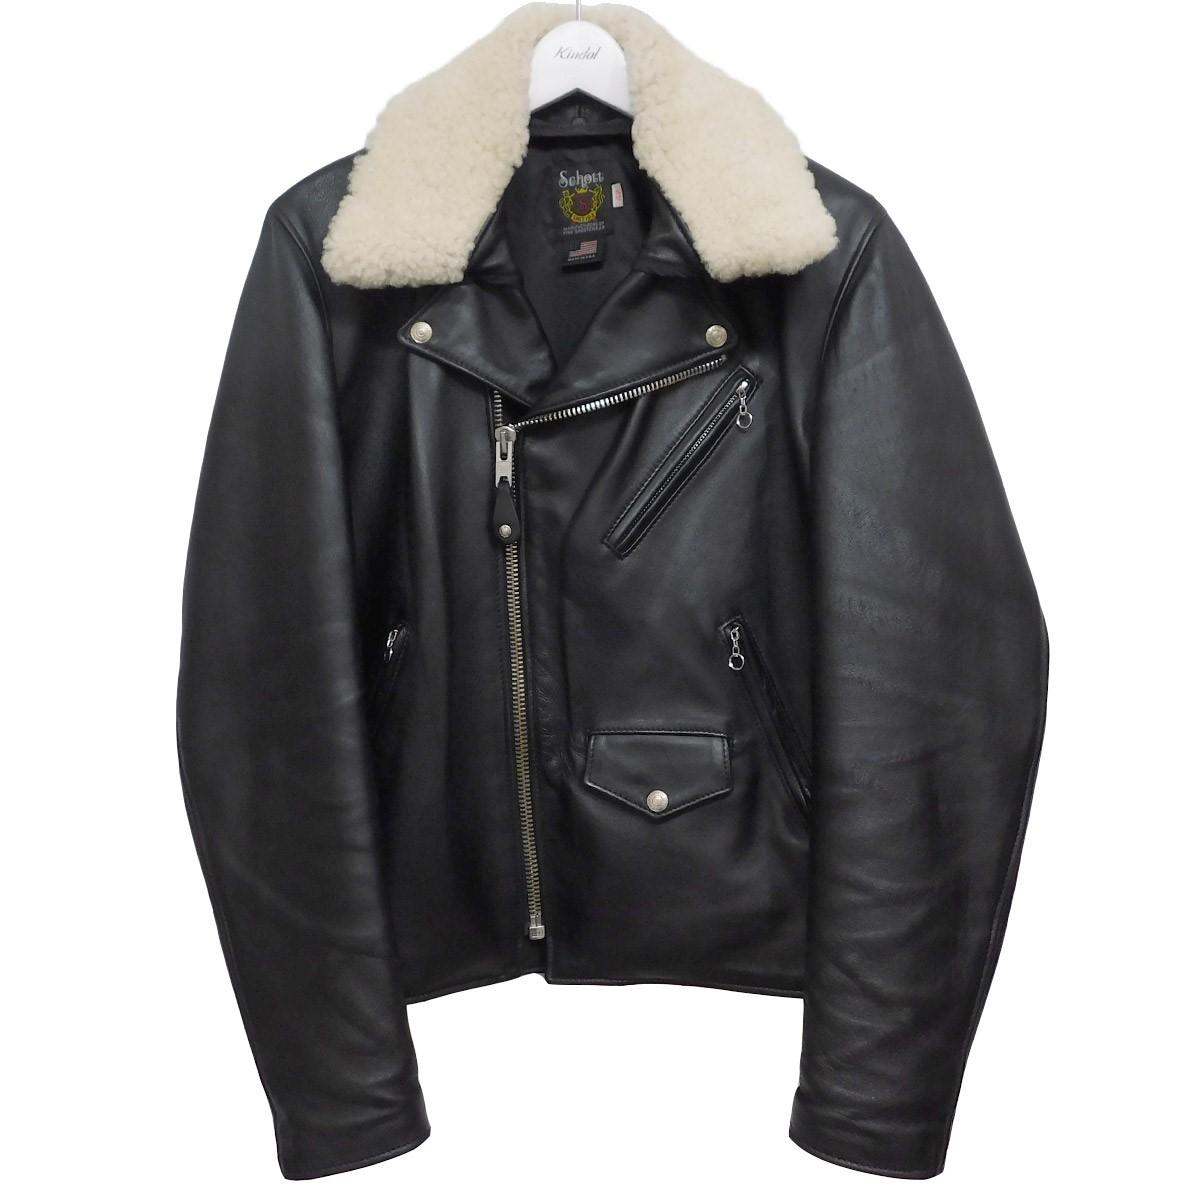 【中古】SCHOTT 7525 ボア付きラムレザーダブルライダースジャケット ブラック サイズ:42 【220620】(ショット)